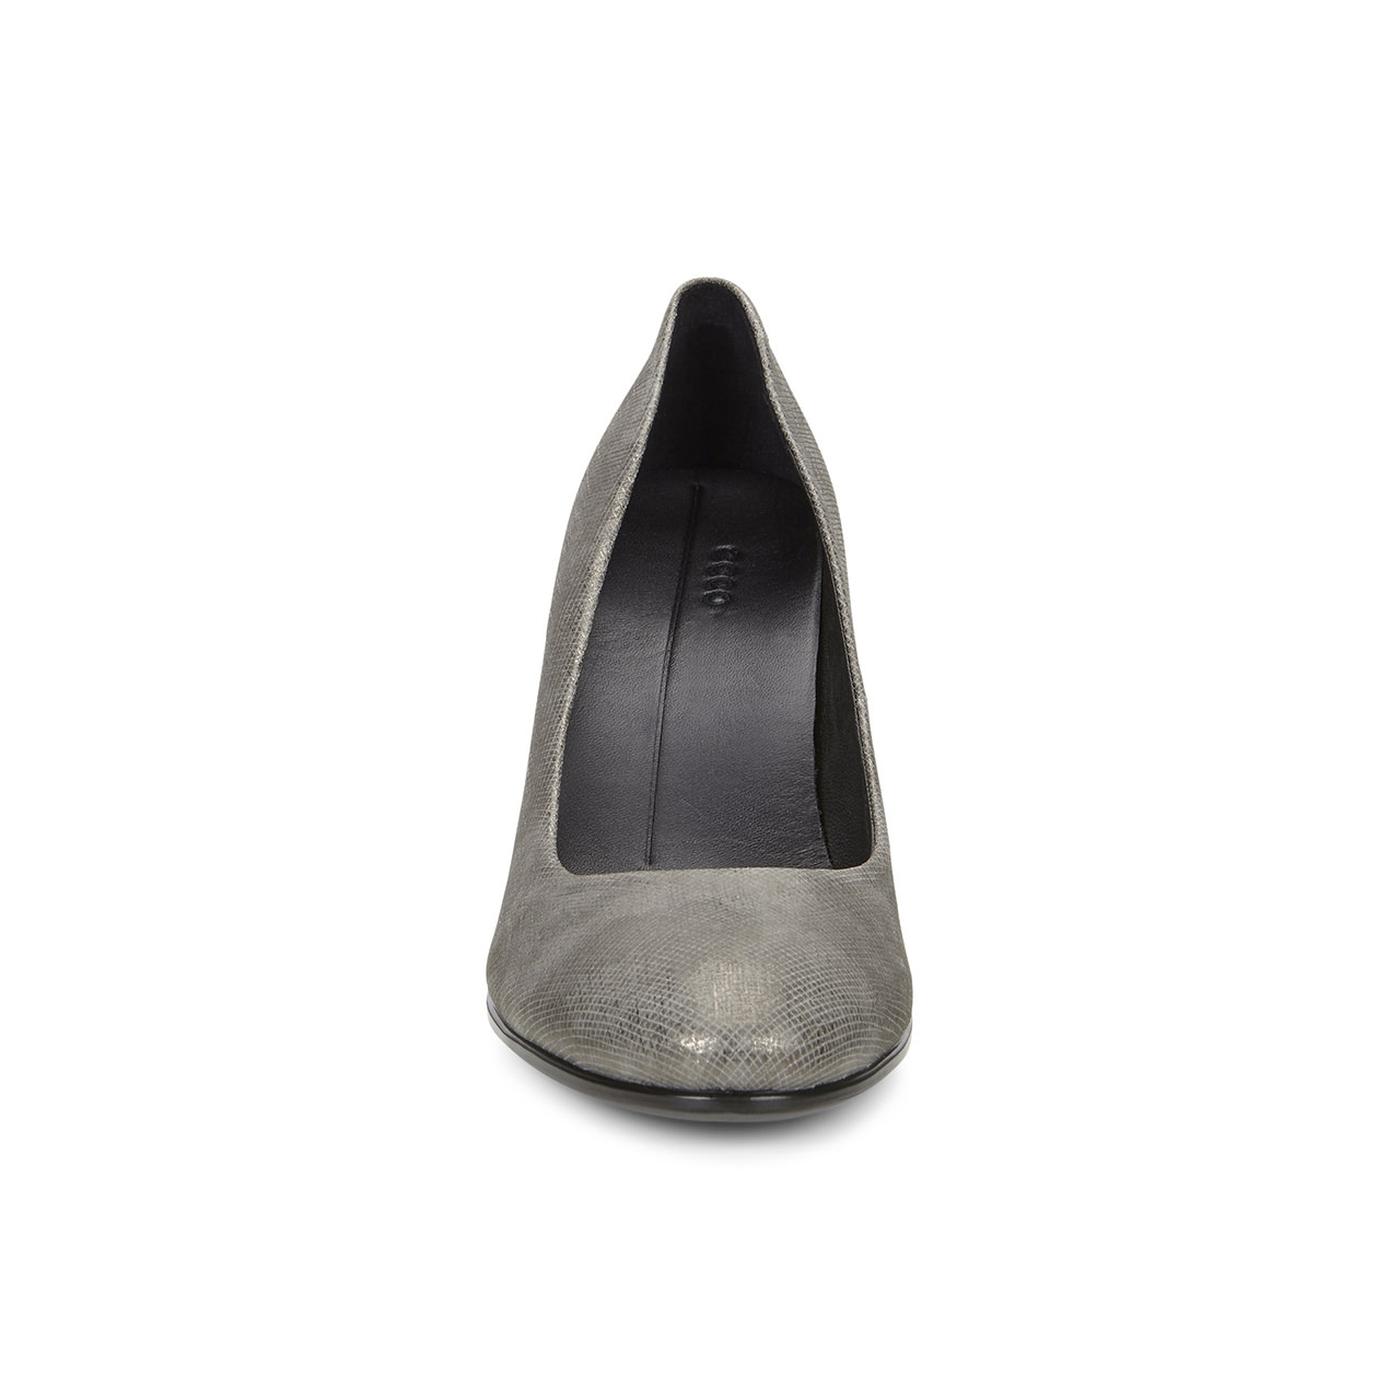 7c000836cfd84 ECCO Shape 75 Sleek Pump | Women's Formal Shoes | ECCO® Shoes